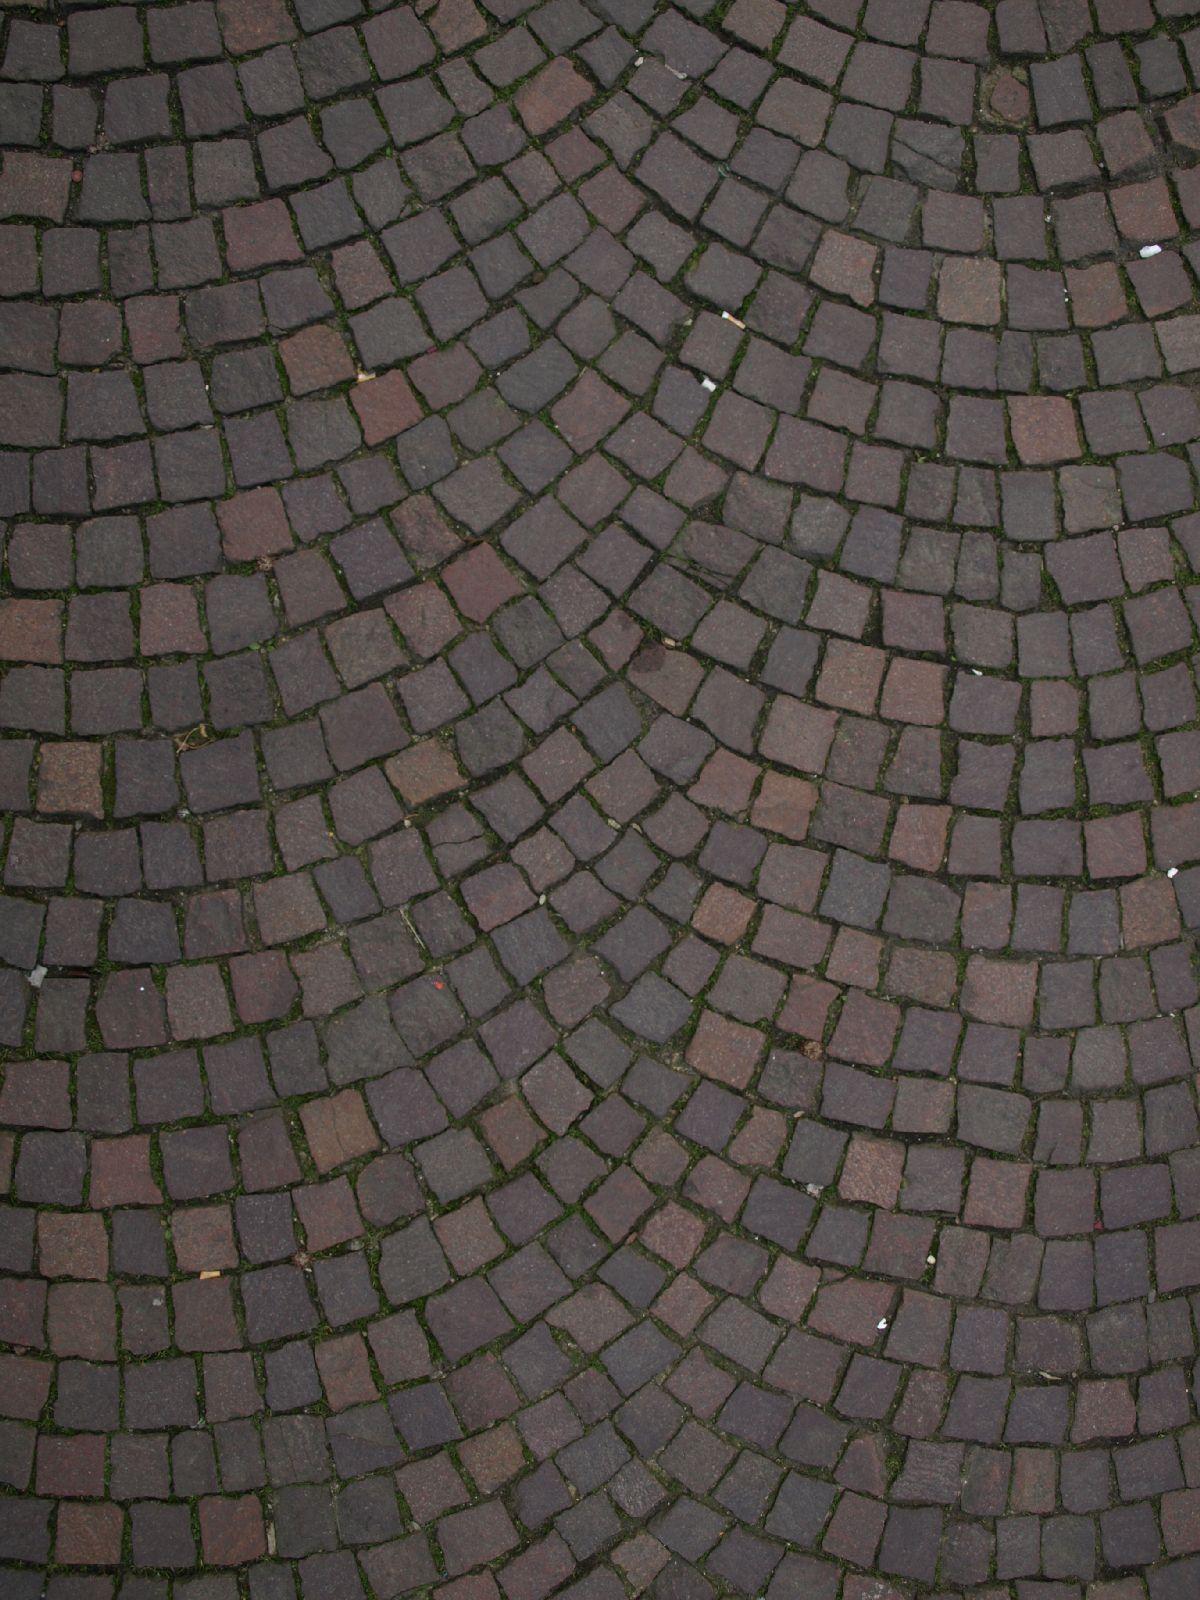 Ground-Urban_Texture_A_P4100544